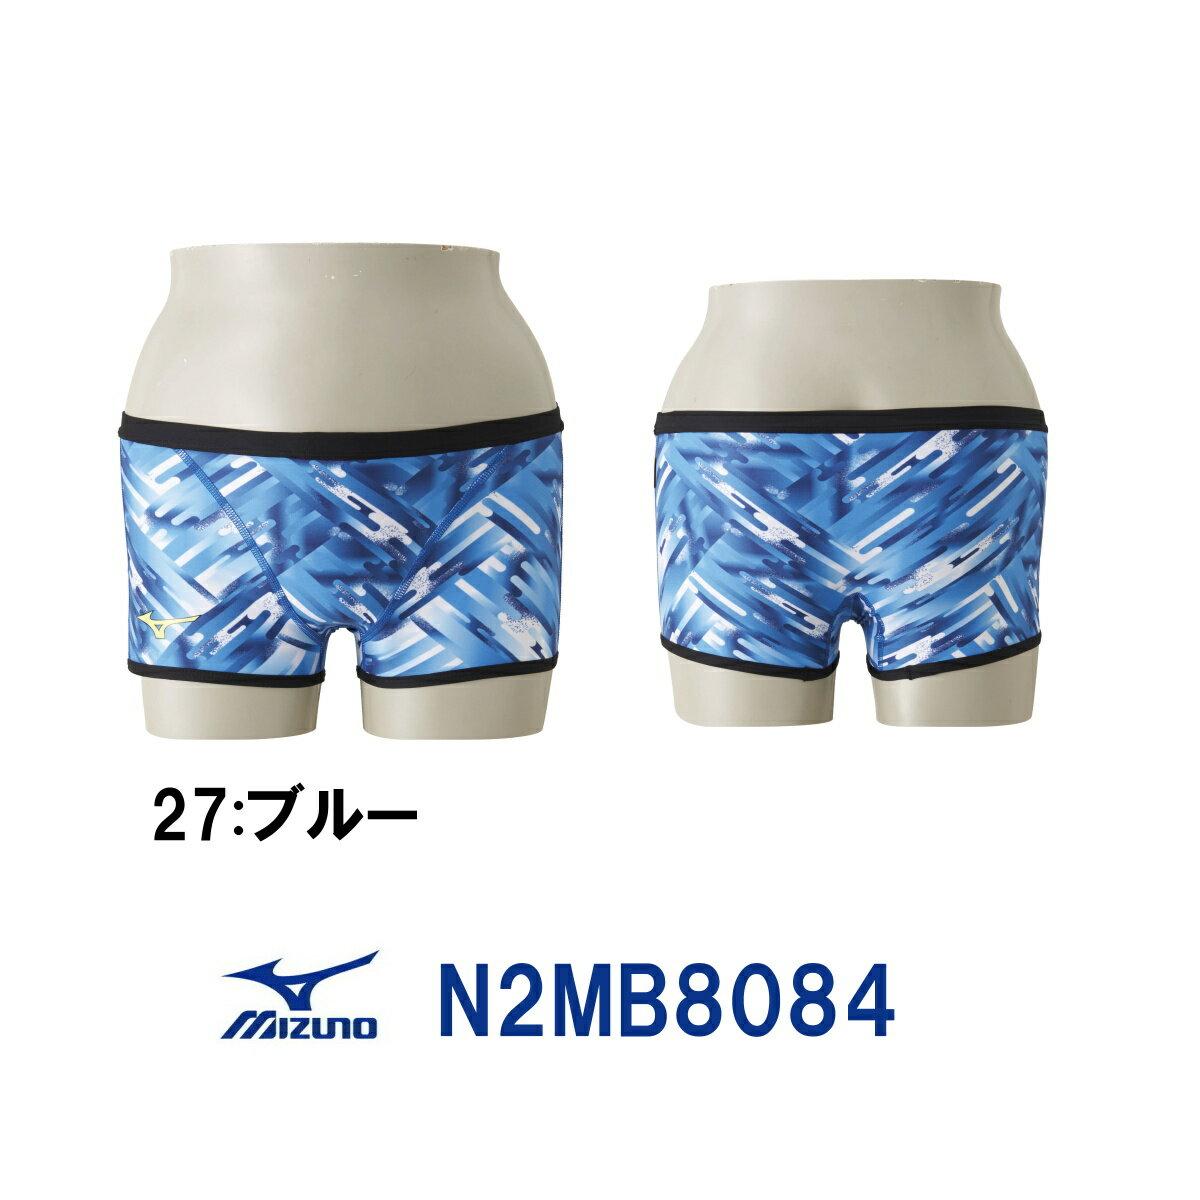 ミズノ MIZUNO 競泳水着 メンズ 練習用 ショートスパッツ EXER SUITS U-Fit 霞×BLUE ブルー 競泳練習水着 N2MB8084